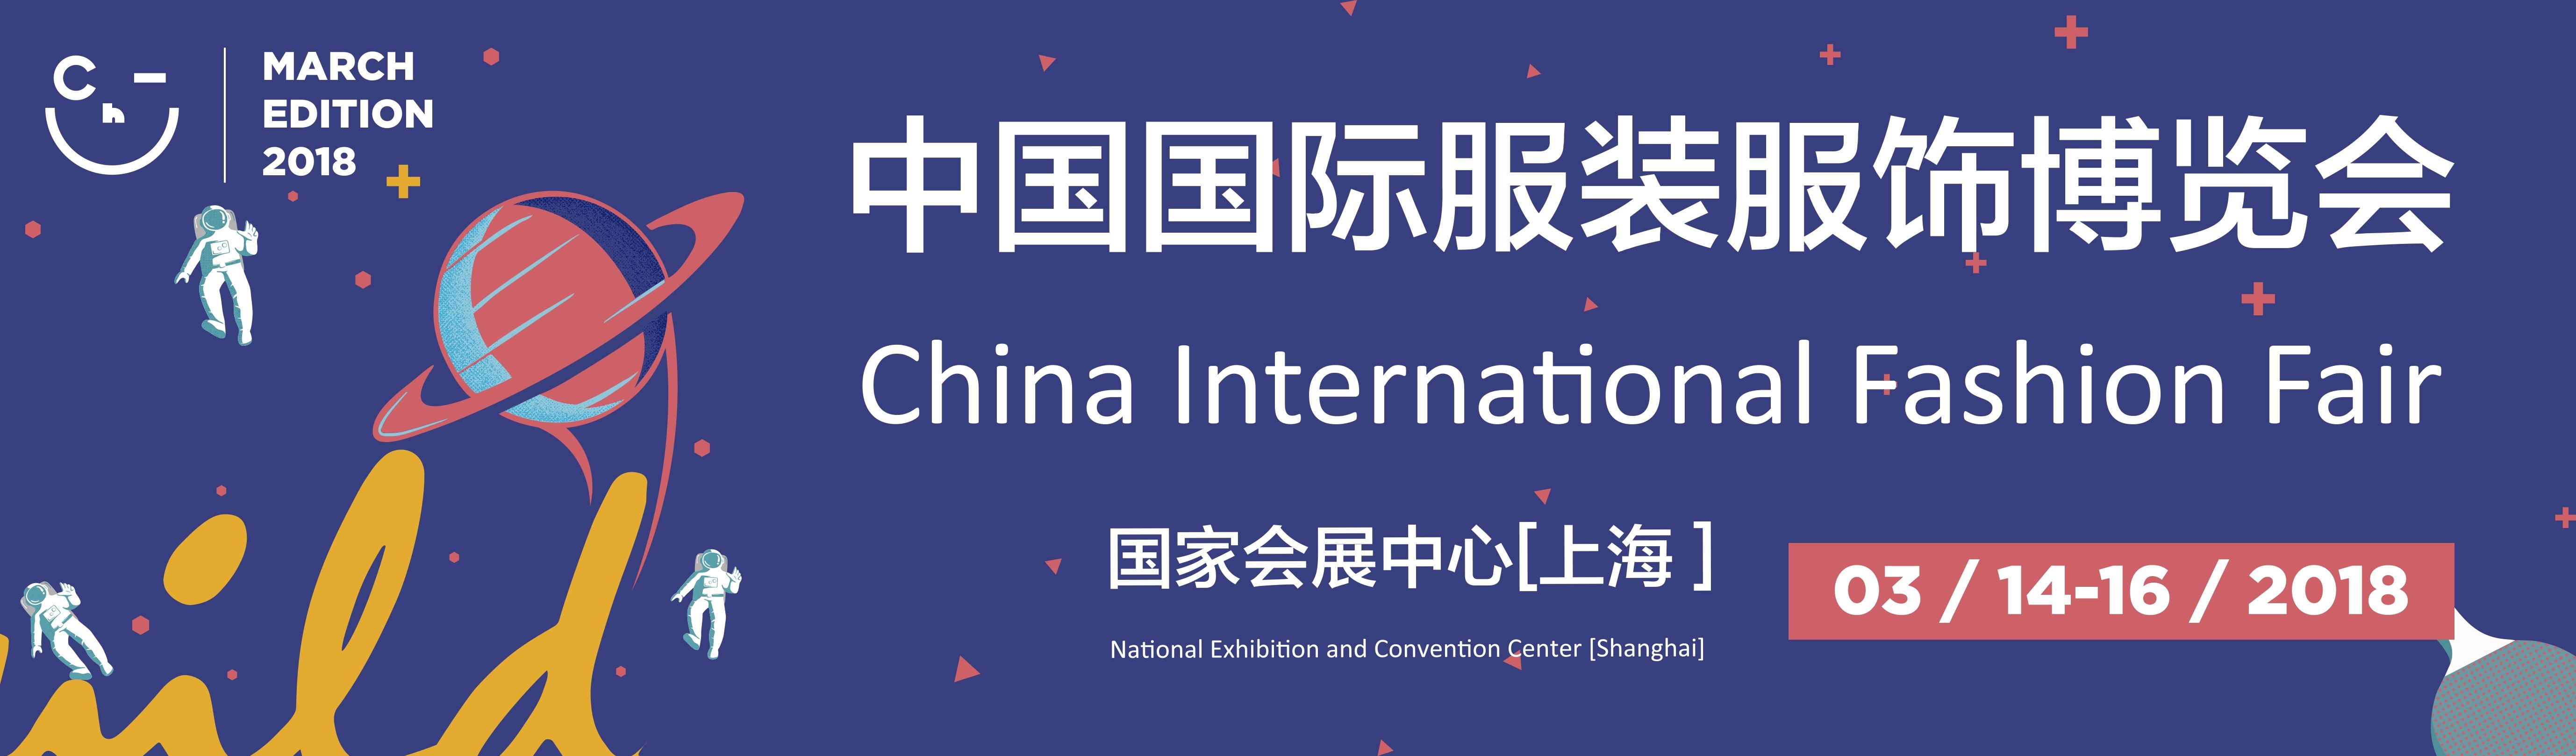 2018中國國際服裝服飾博覽會